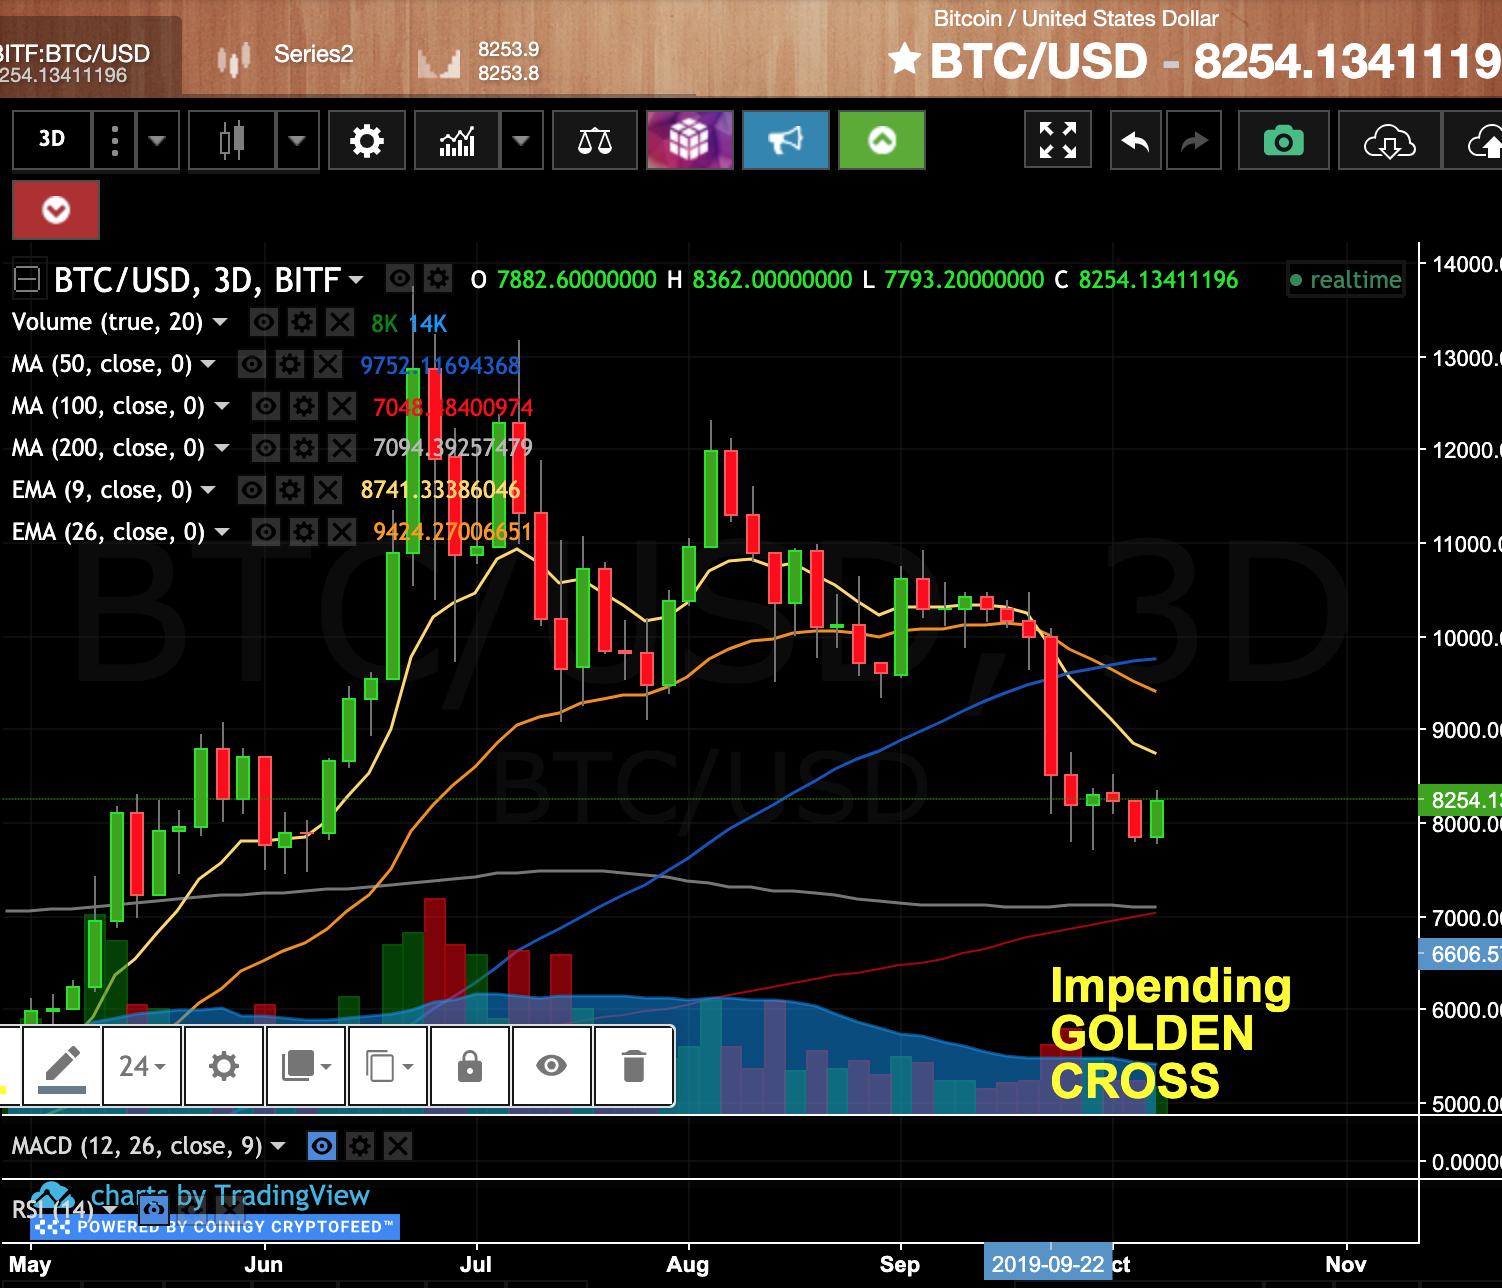 Bitcoin Boom: Golden Cross is Coming?